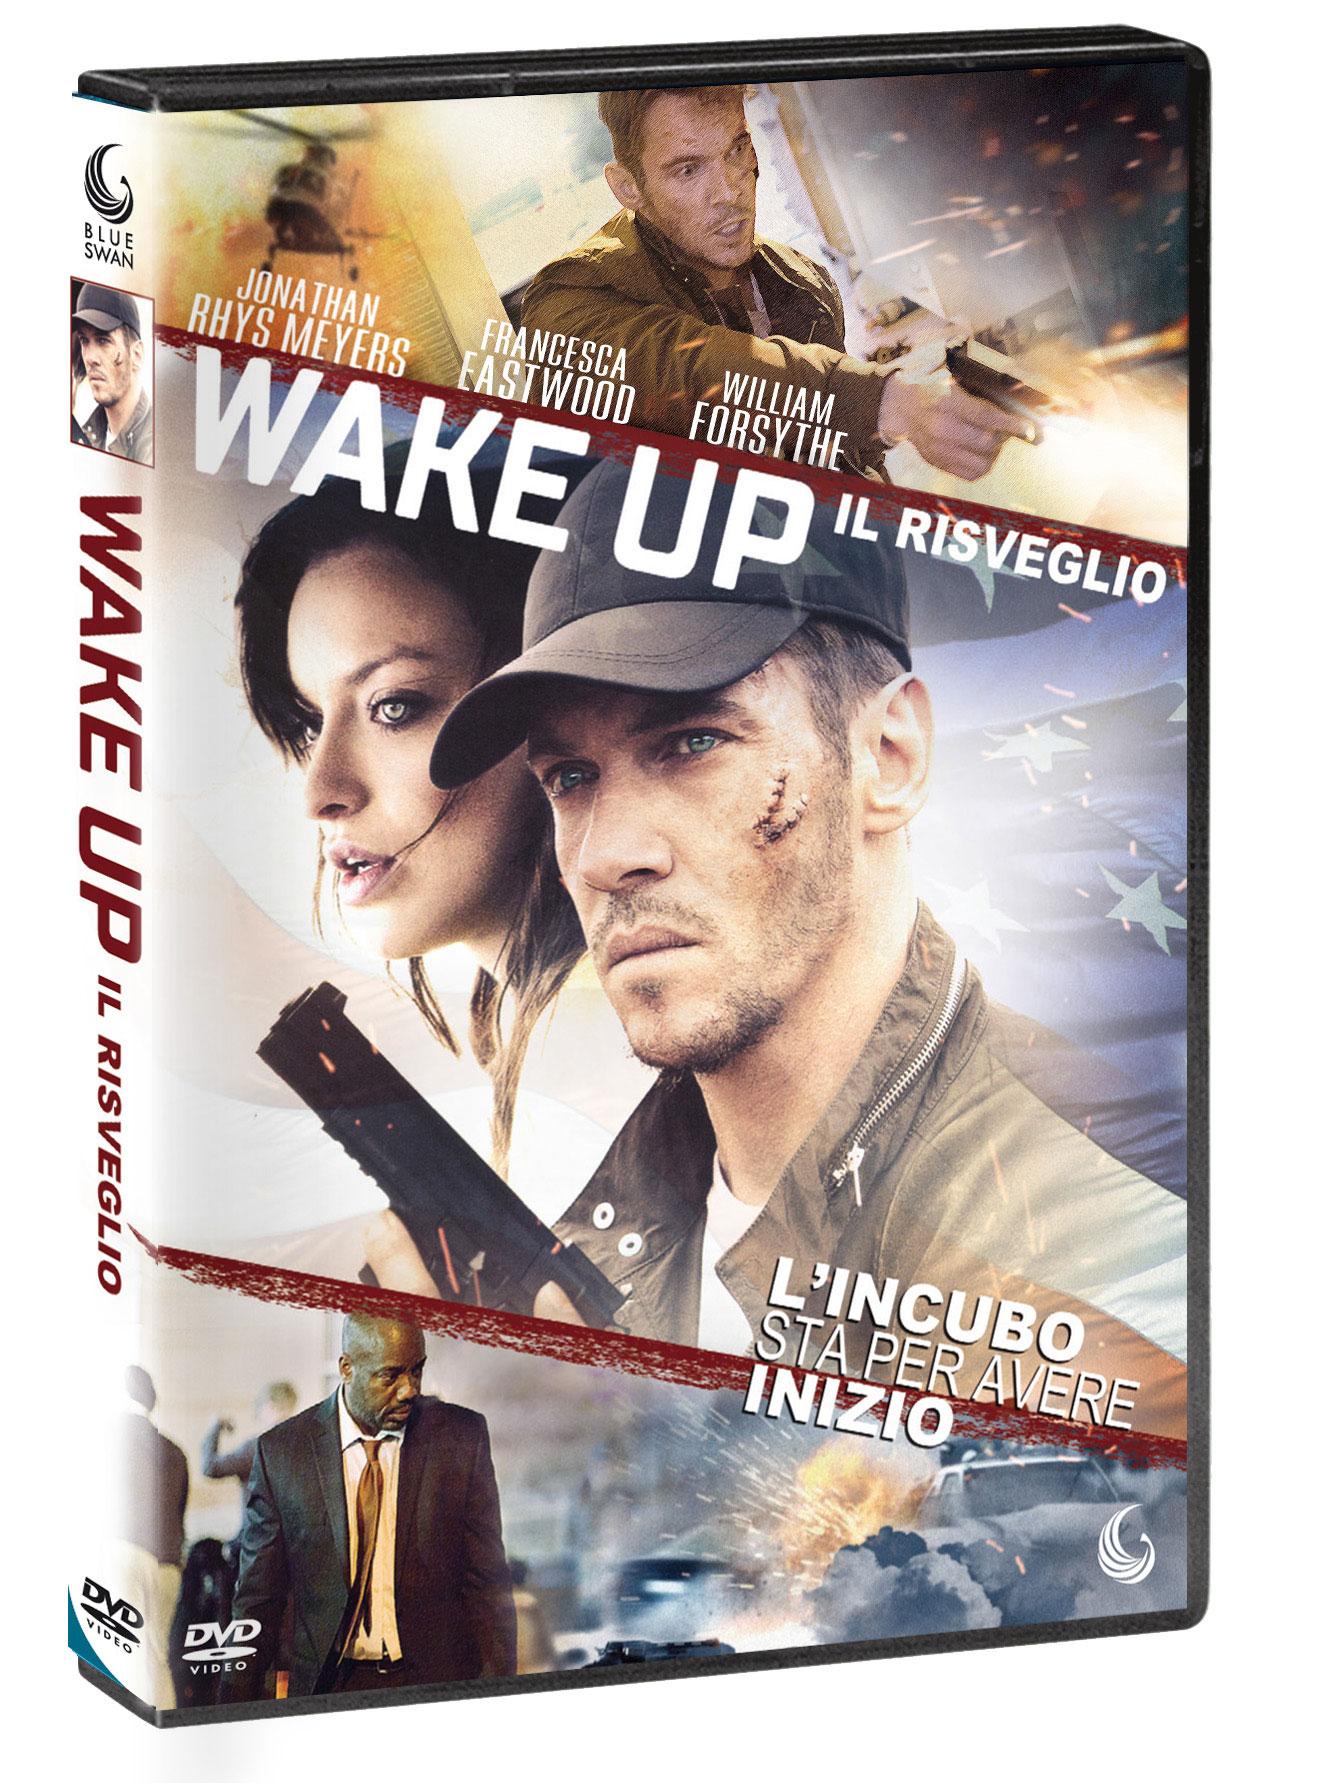 WAKE UP - IL RISVEGLIO (DVD)